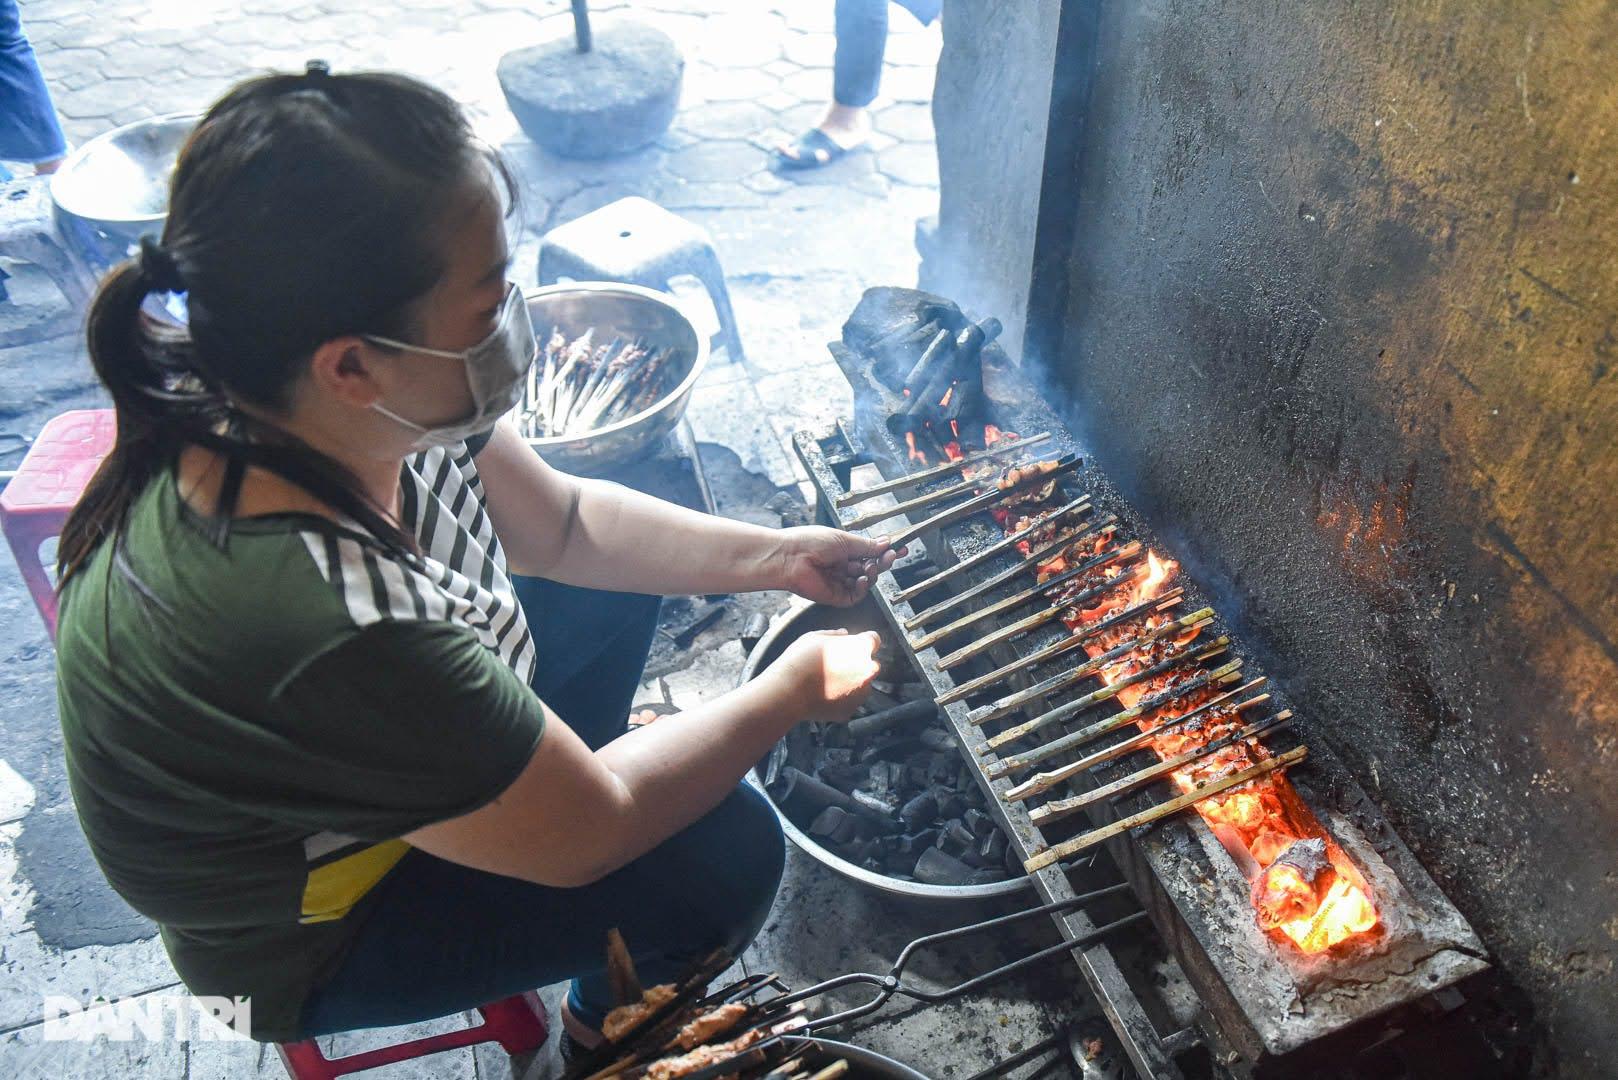 Hiếm có ở Hà Nội: Bún chả kẹp que tre nướng, ngày bán hàng trăm suất - Ảnh 7.